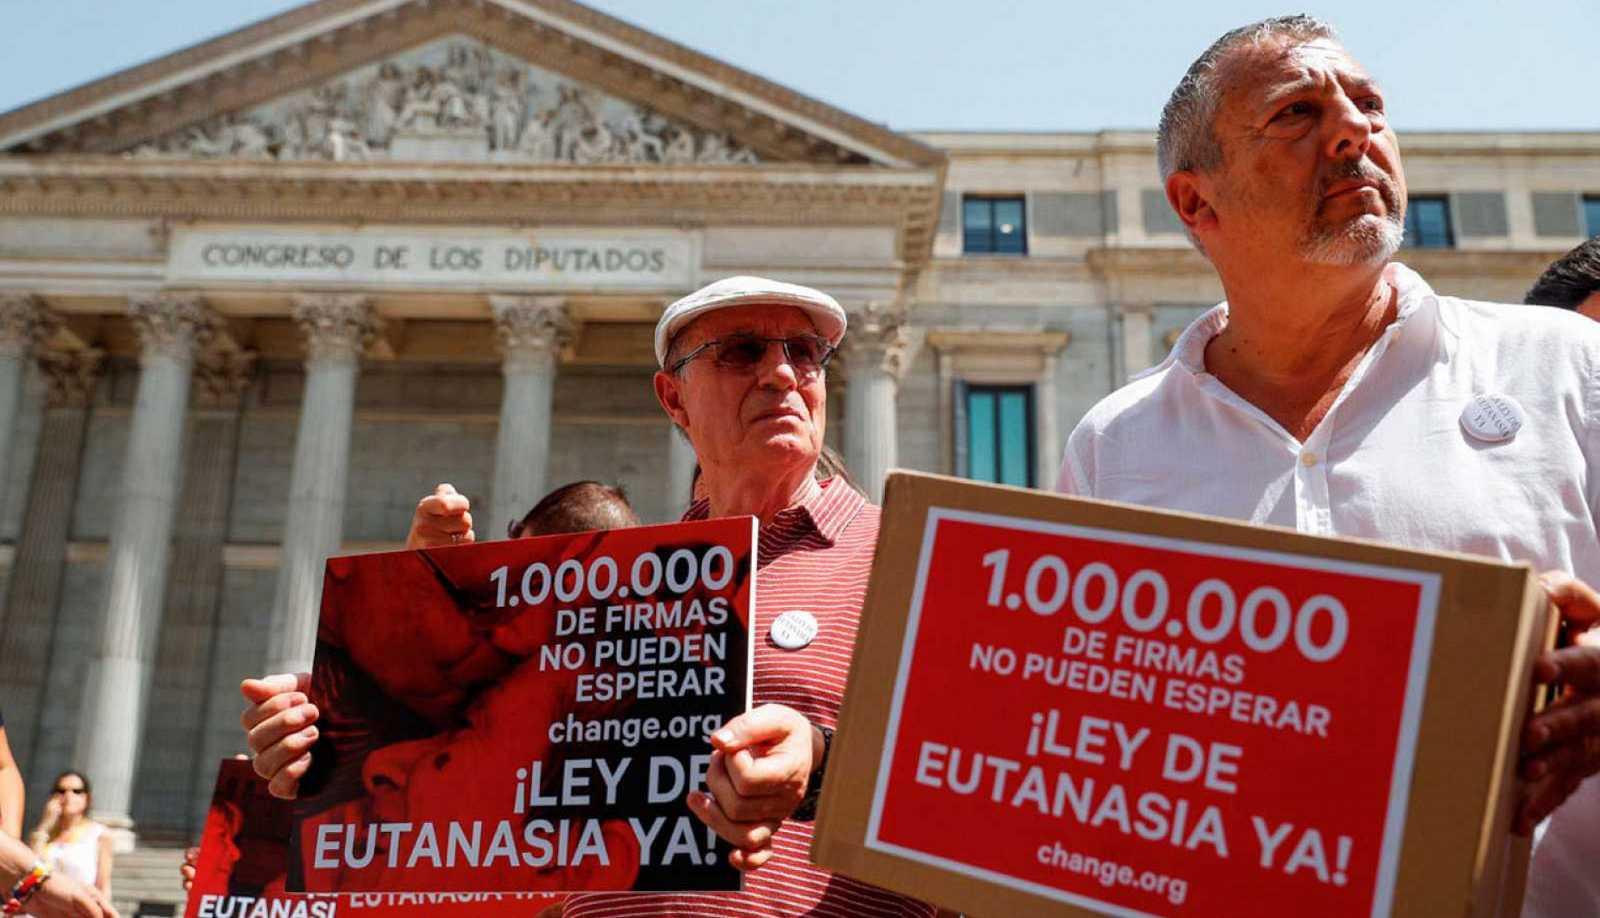 España: Congreso avanza con la propuesta de ley de eutanasia con un amplio apoyo